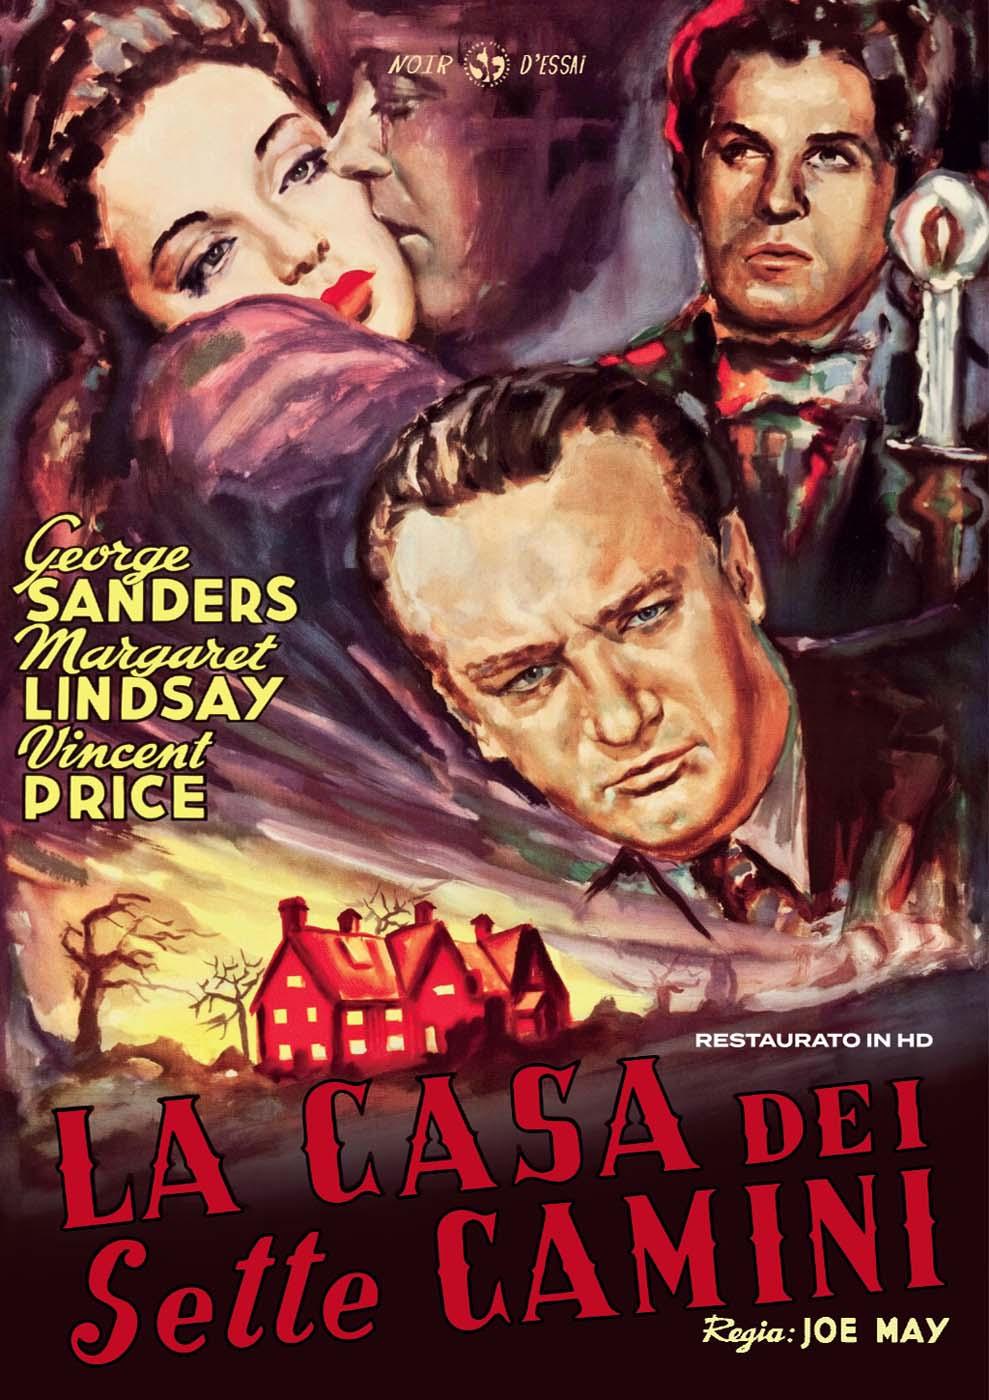 LA CASA DEI SETTE CAMINI (RESTAURATO IN HD) (DVD)